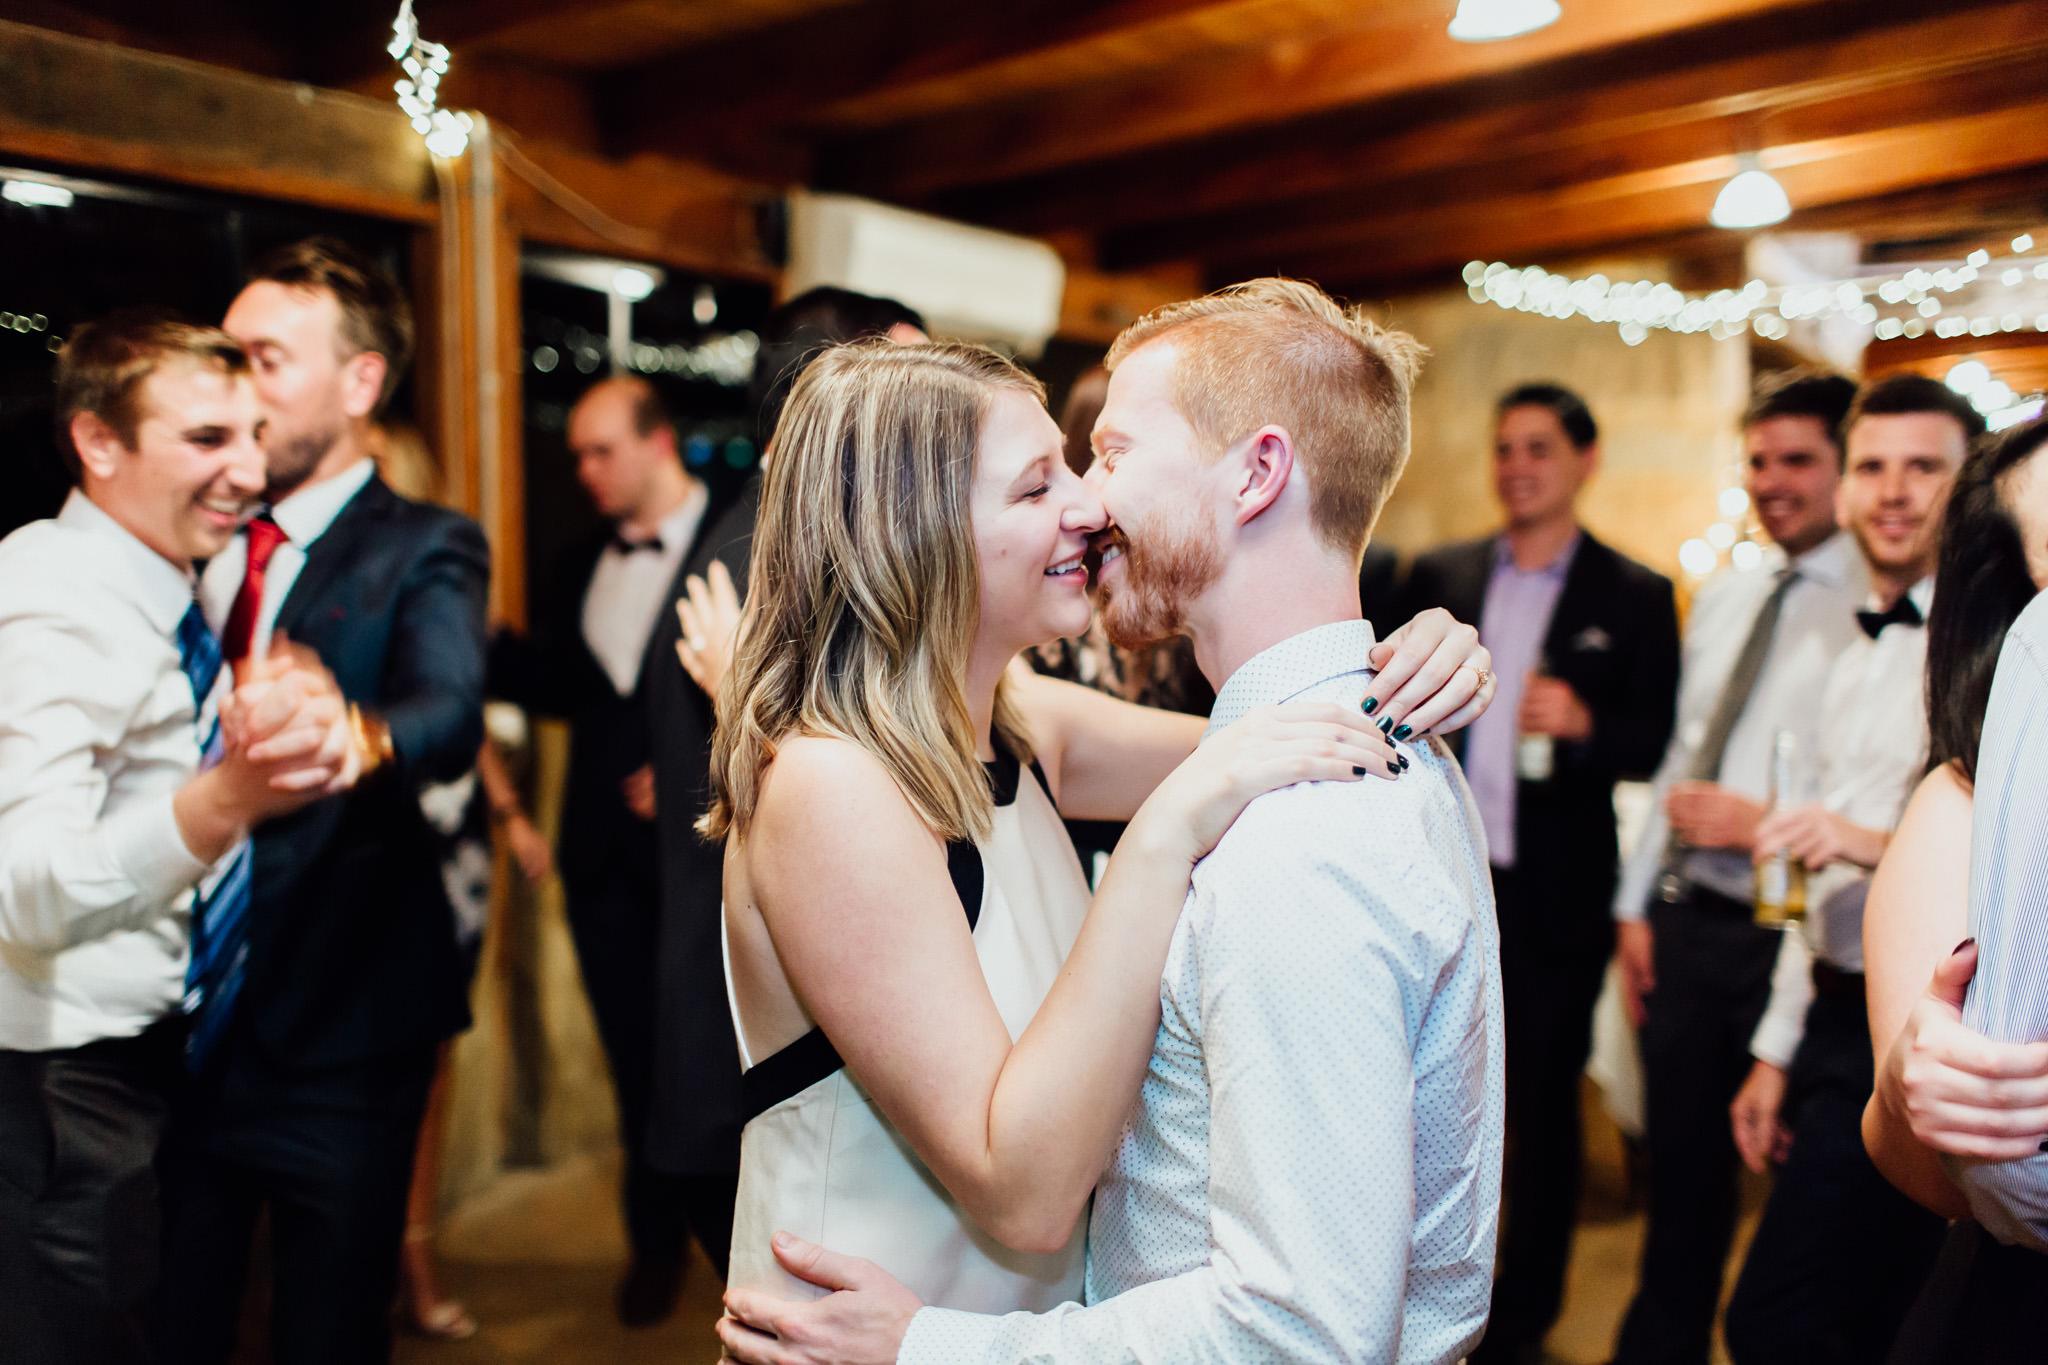 WeddingPhotos_Facebook_2048pixels-1163.jpg